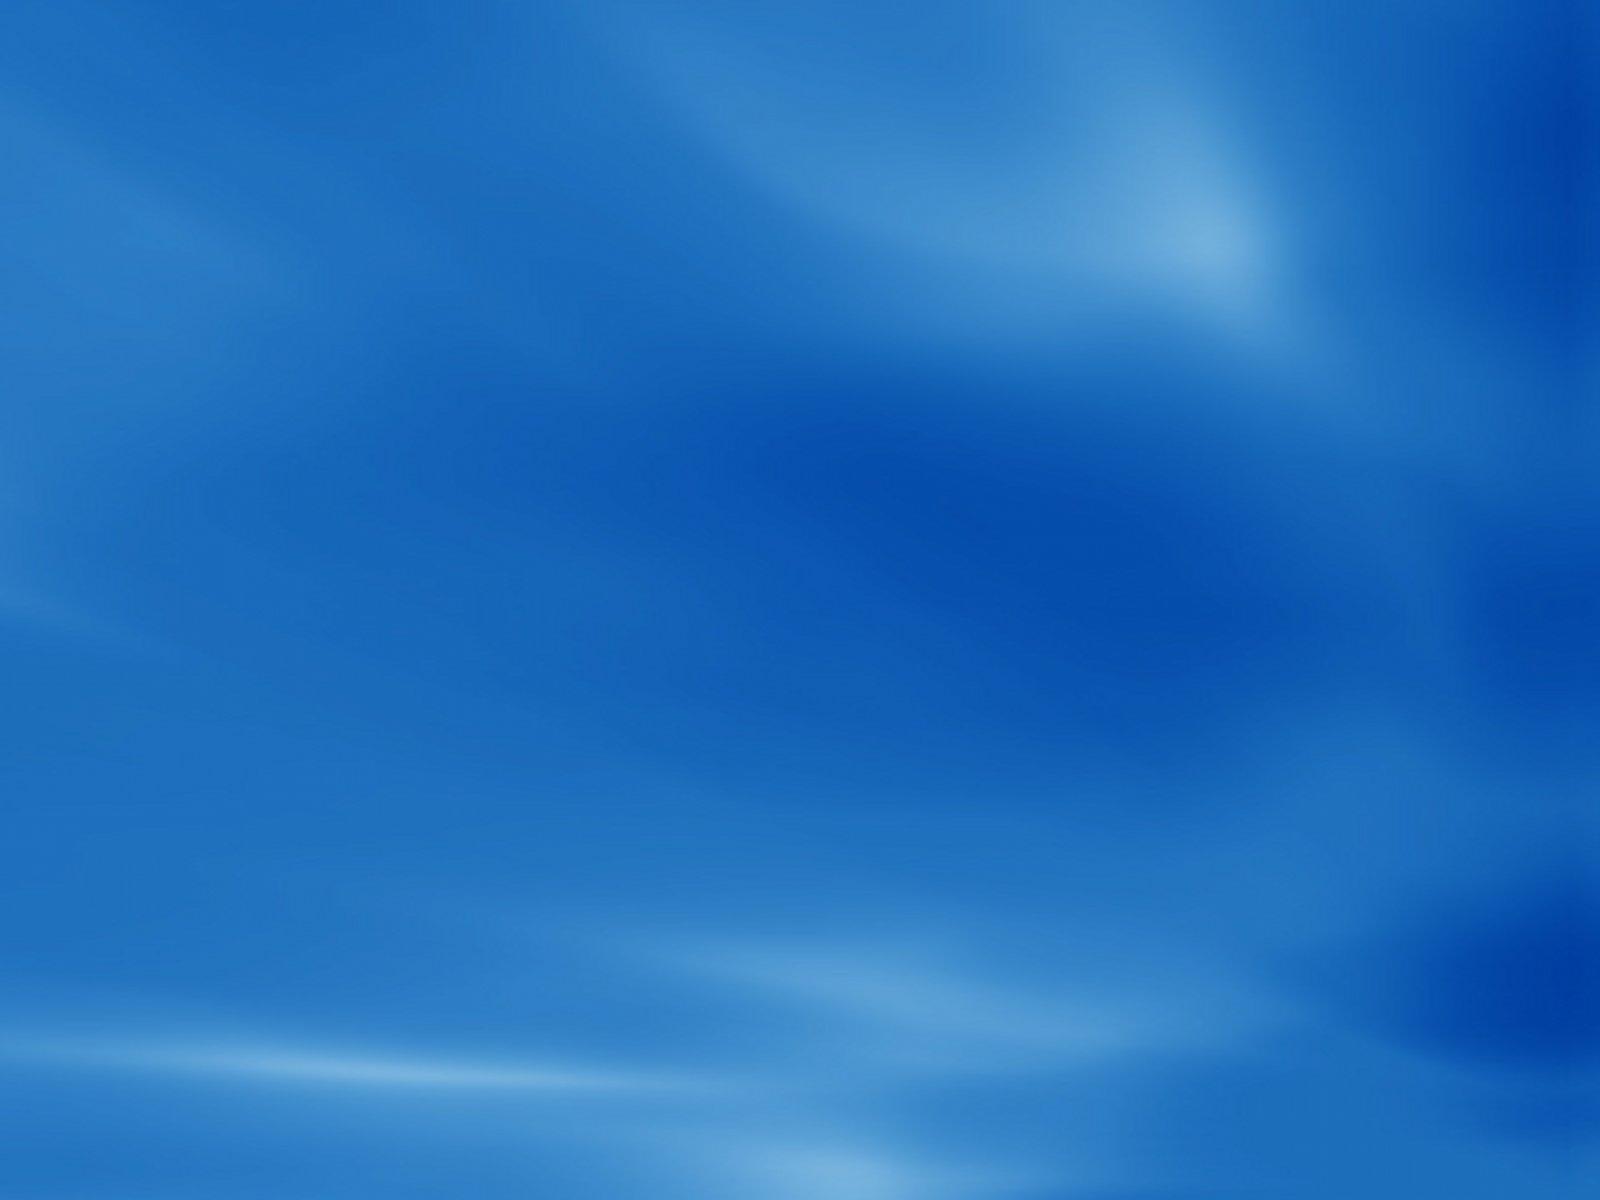 blue sky maybe navy blue